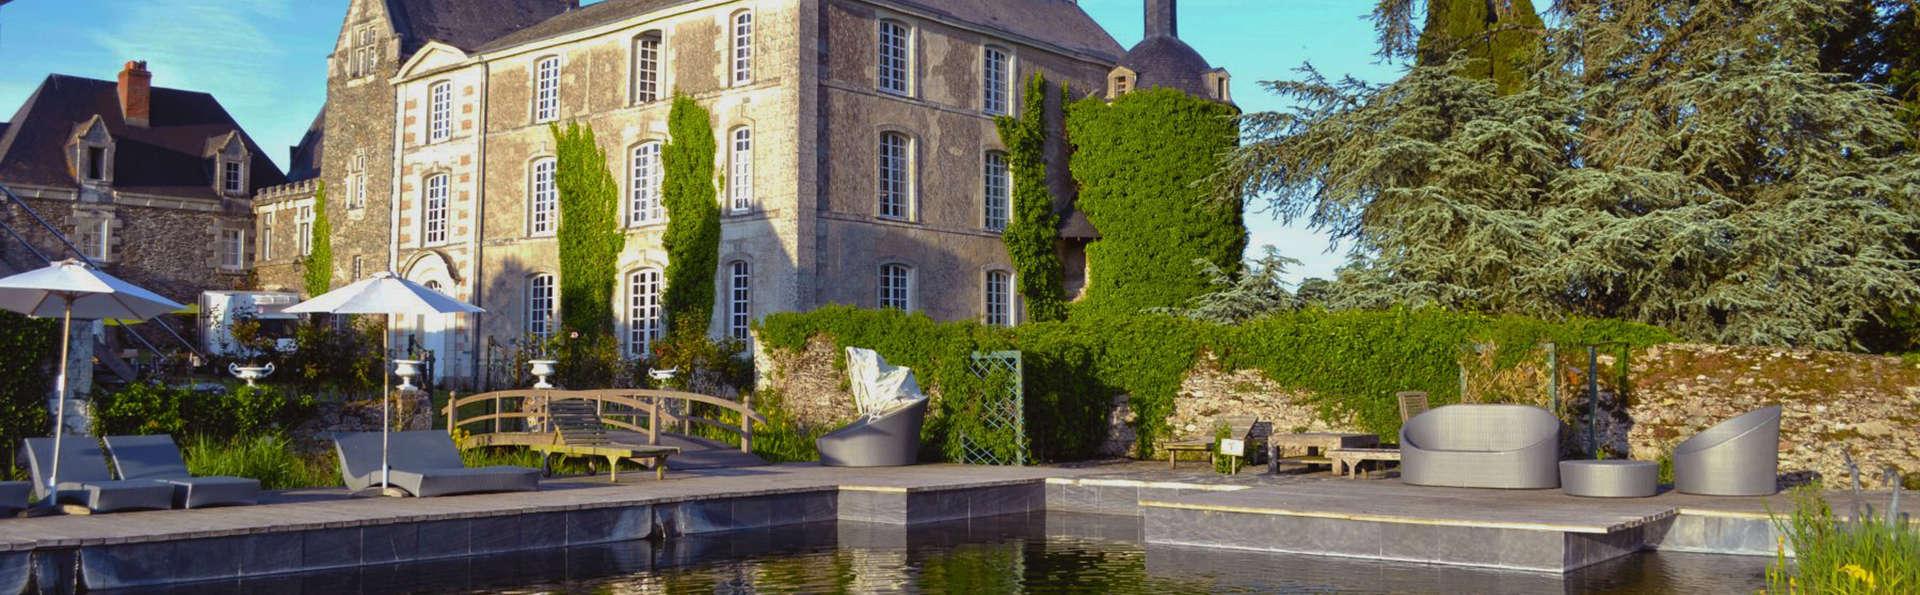 Château de l'Epinay - Edit_Front.jpg